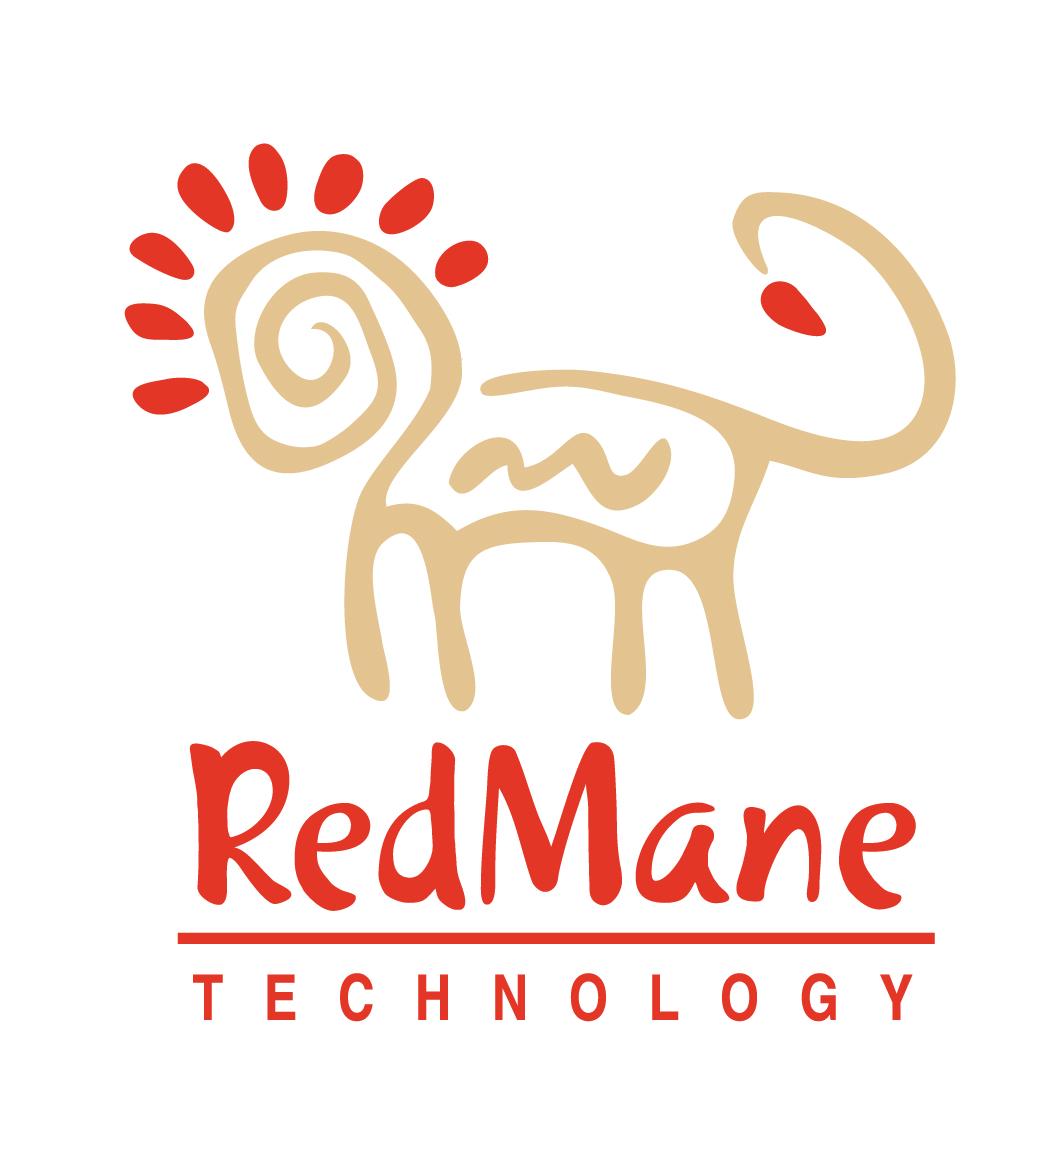 RedMane_Color_Log1 [Converted]-01